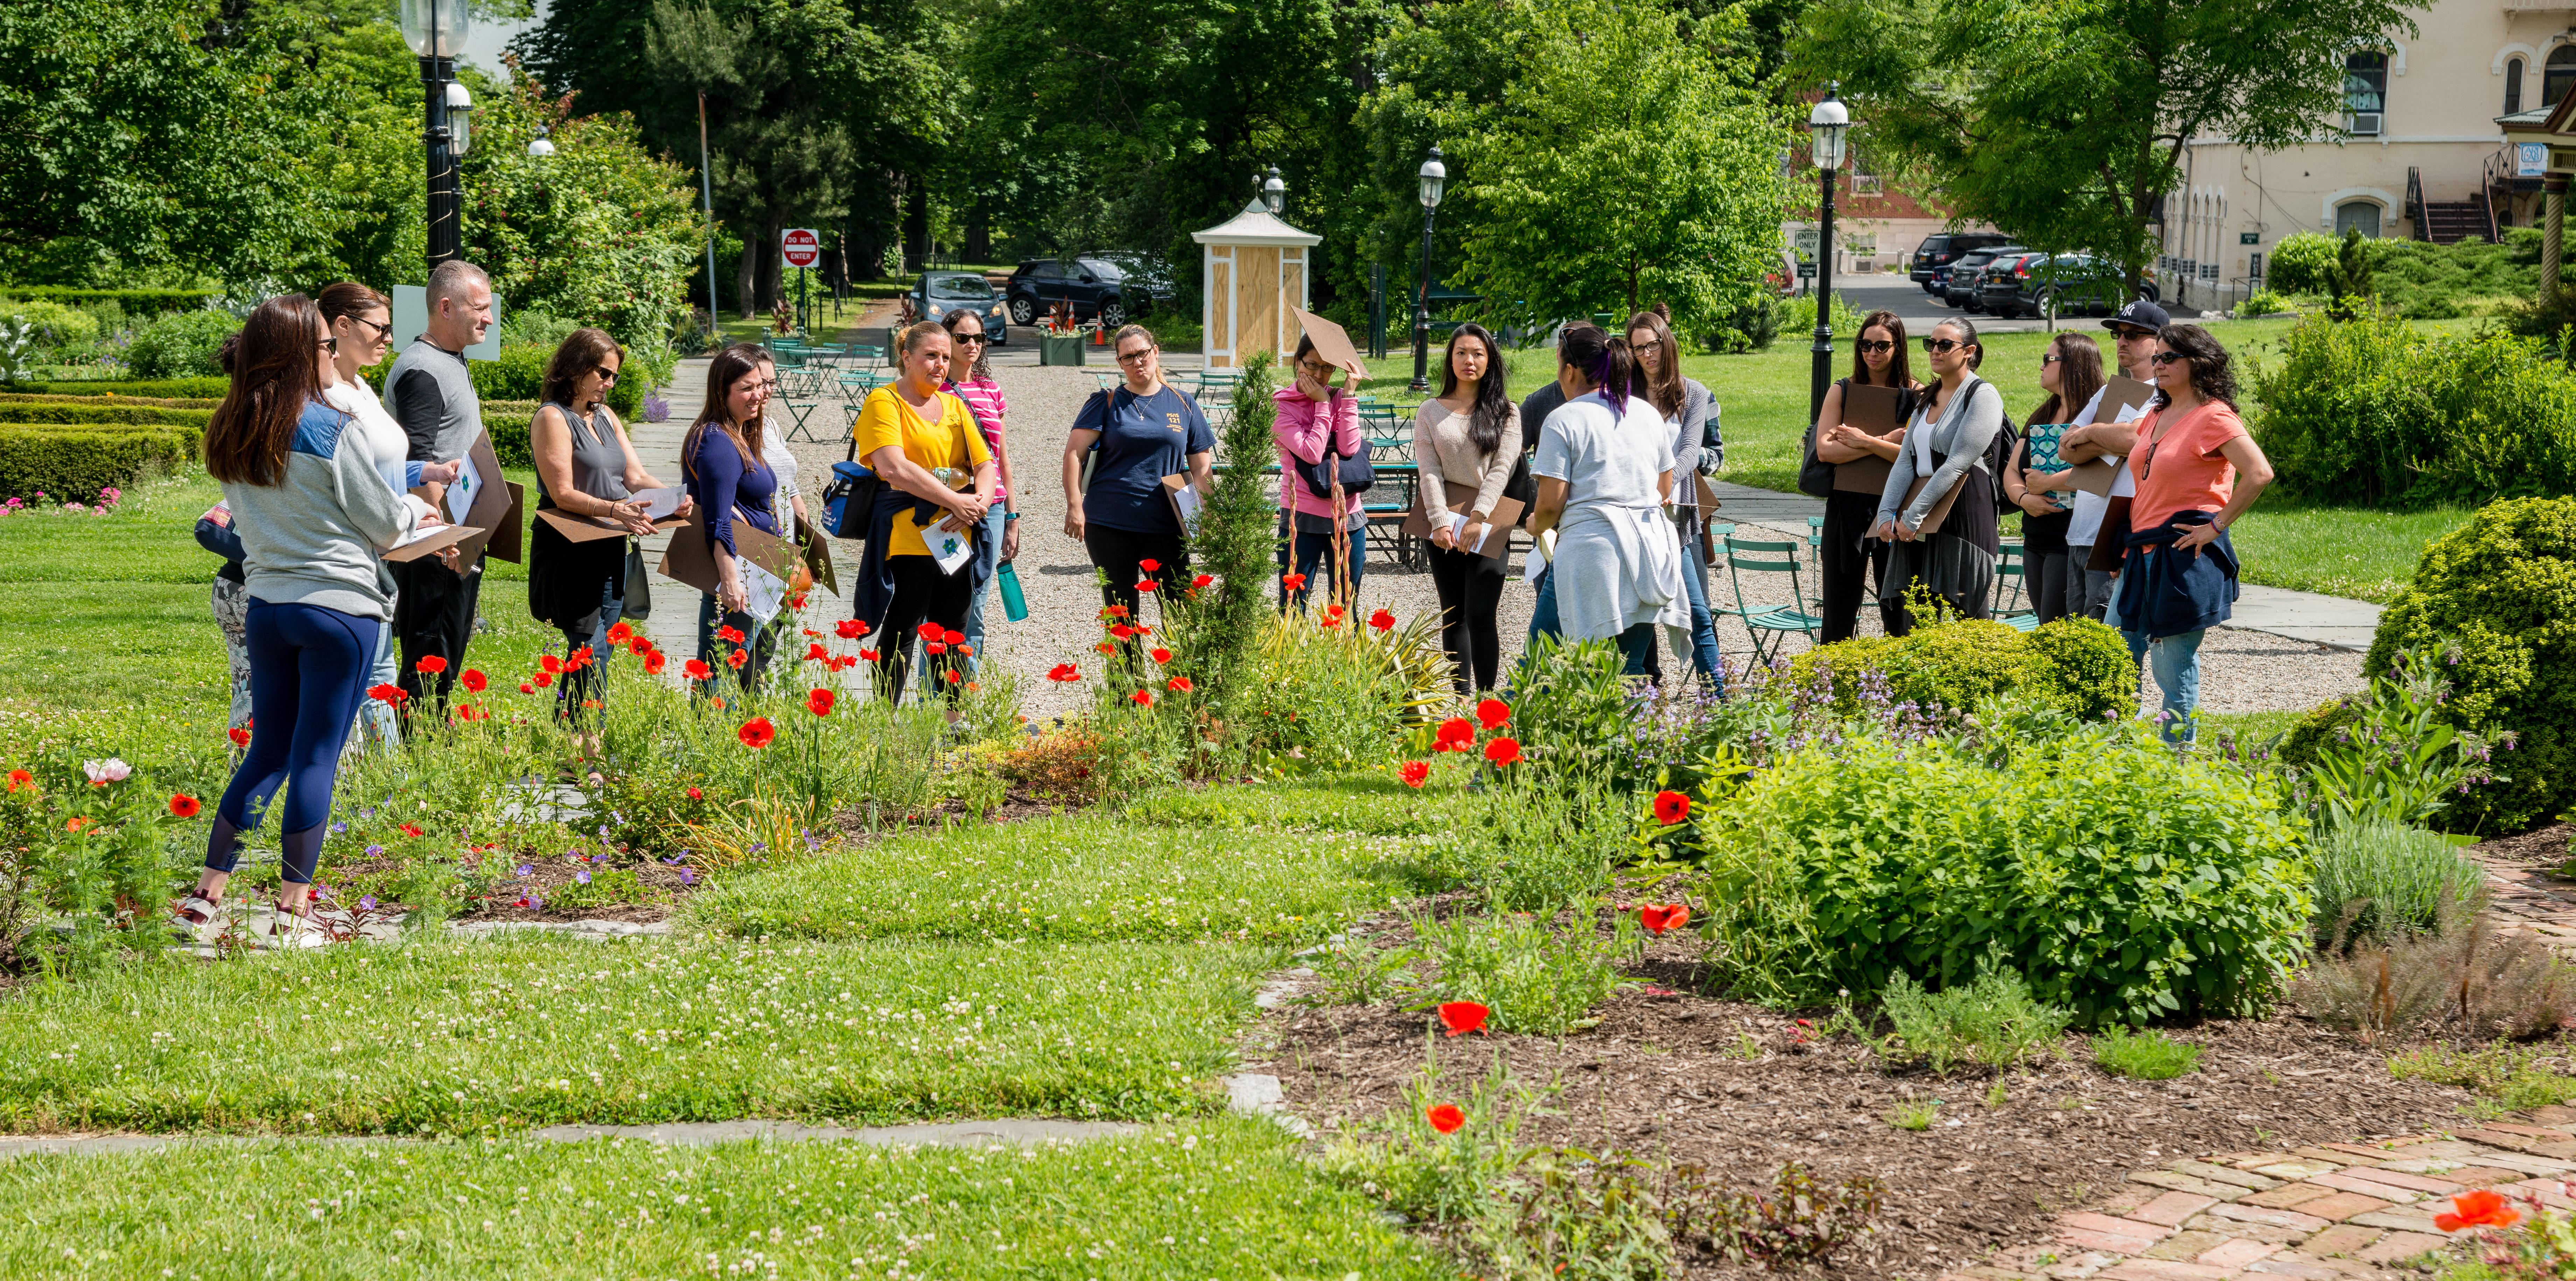 Visit Snug Harbor Cultural Center Botanical Garden